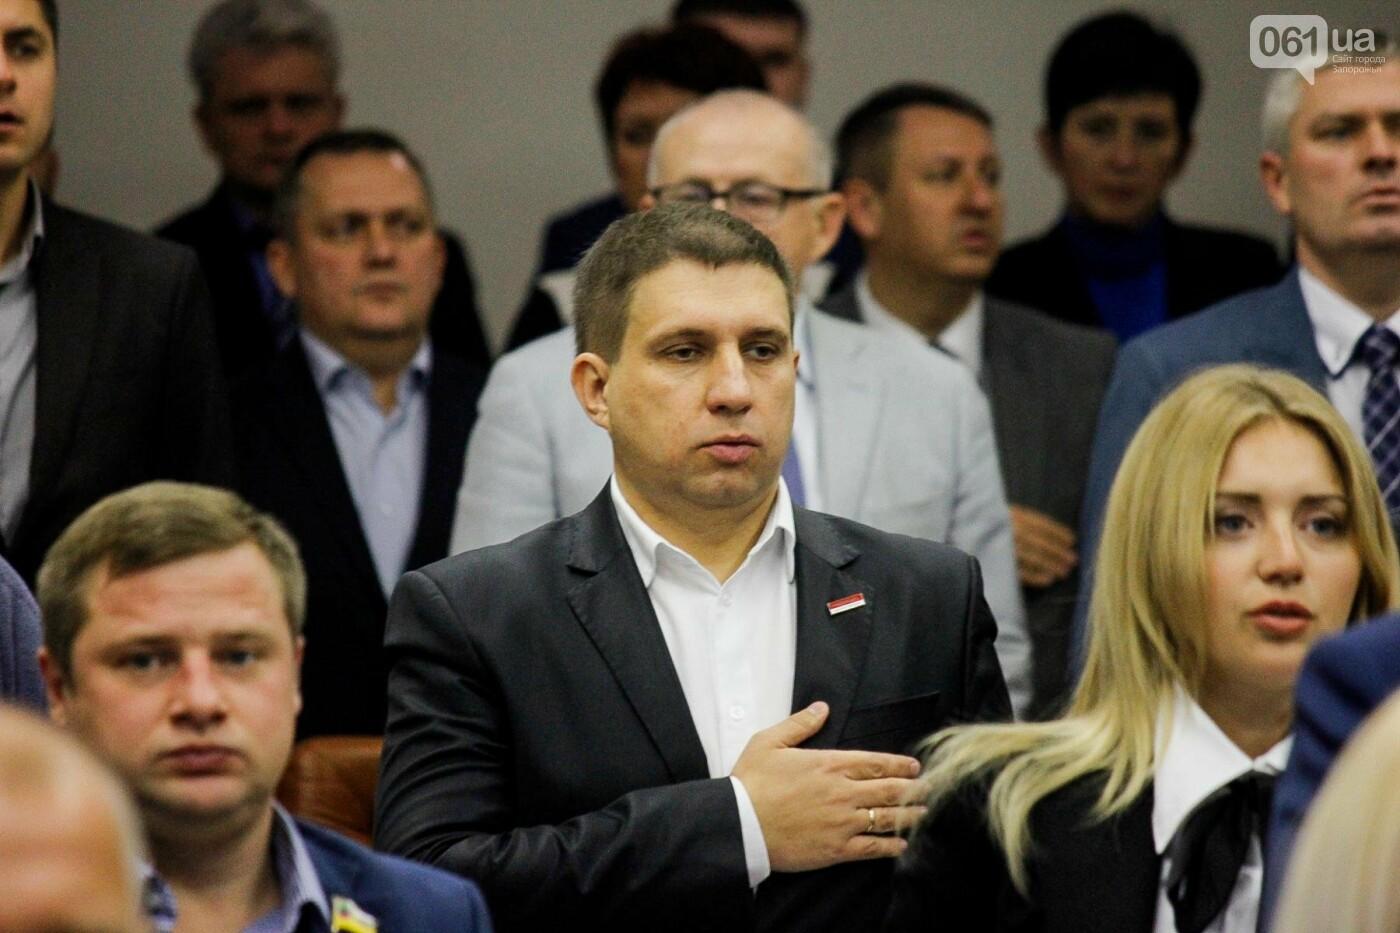 Сессия запорожского горсовета в 55 фотографиях, - ФОТОРЕПОРТАЖ, фото-31